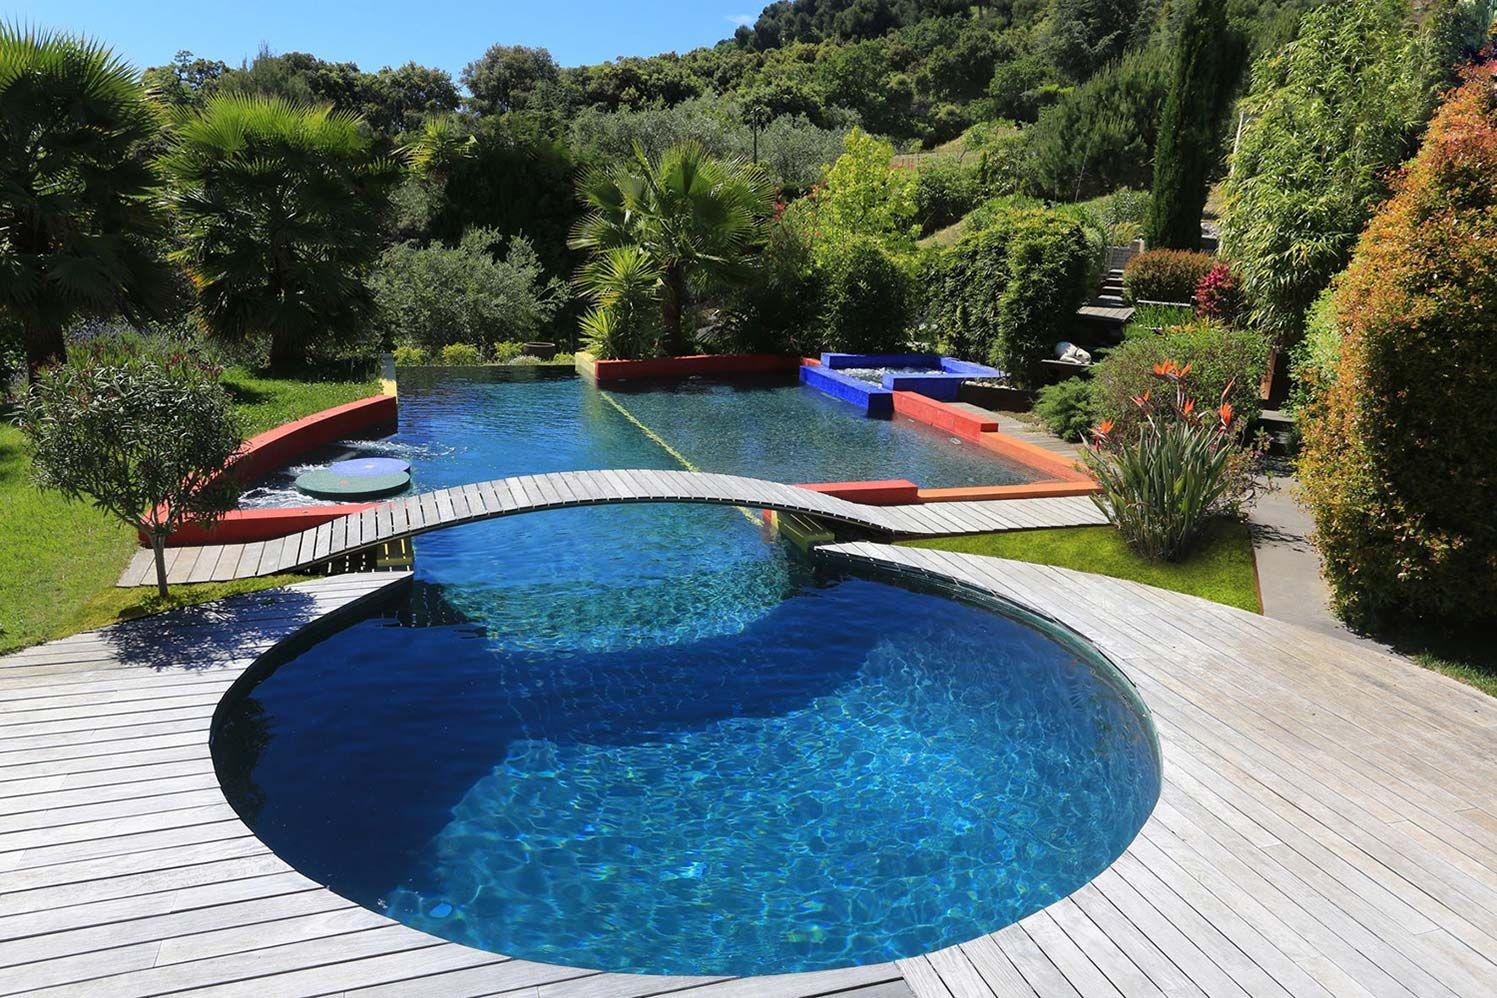 Les 25 meilleures id es de la cat gorie pompe piscine sur for Pompe bassin exterieur